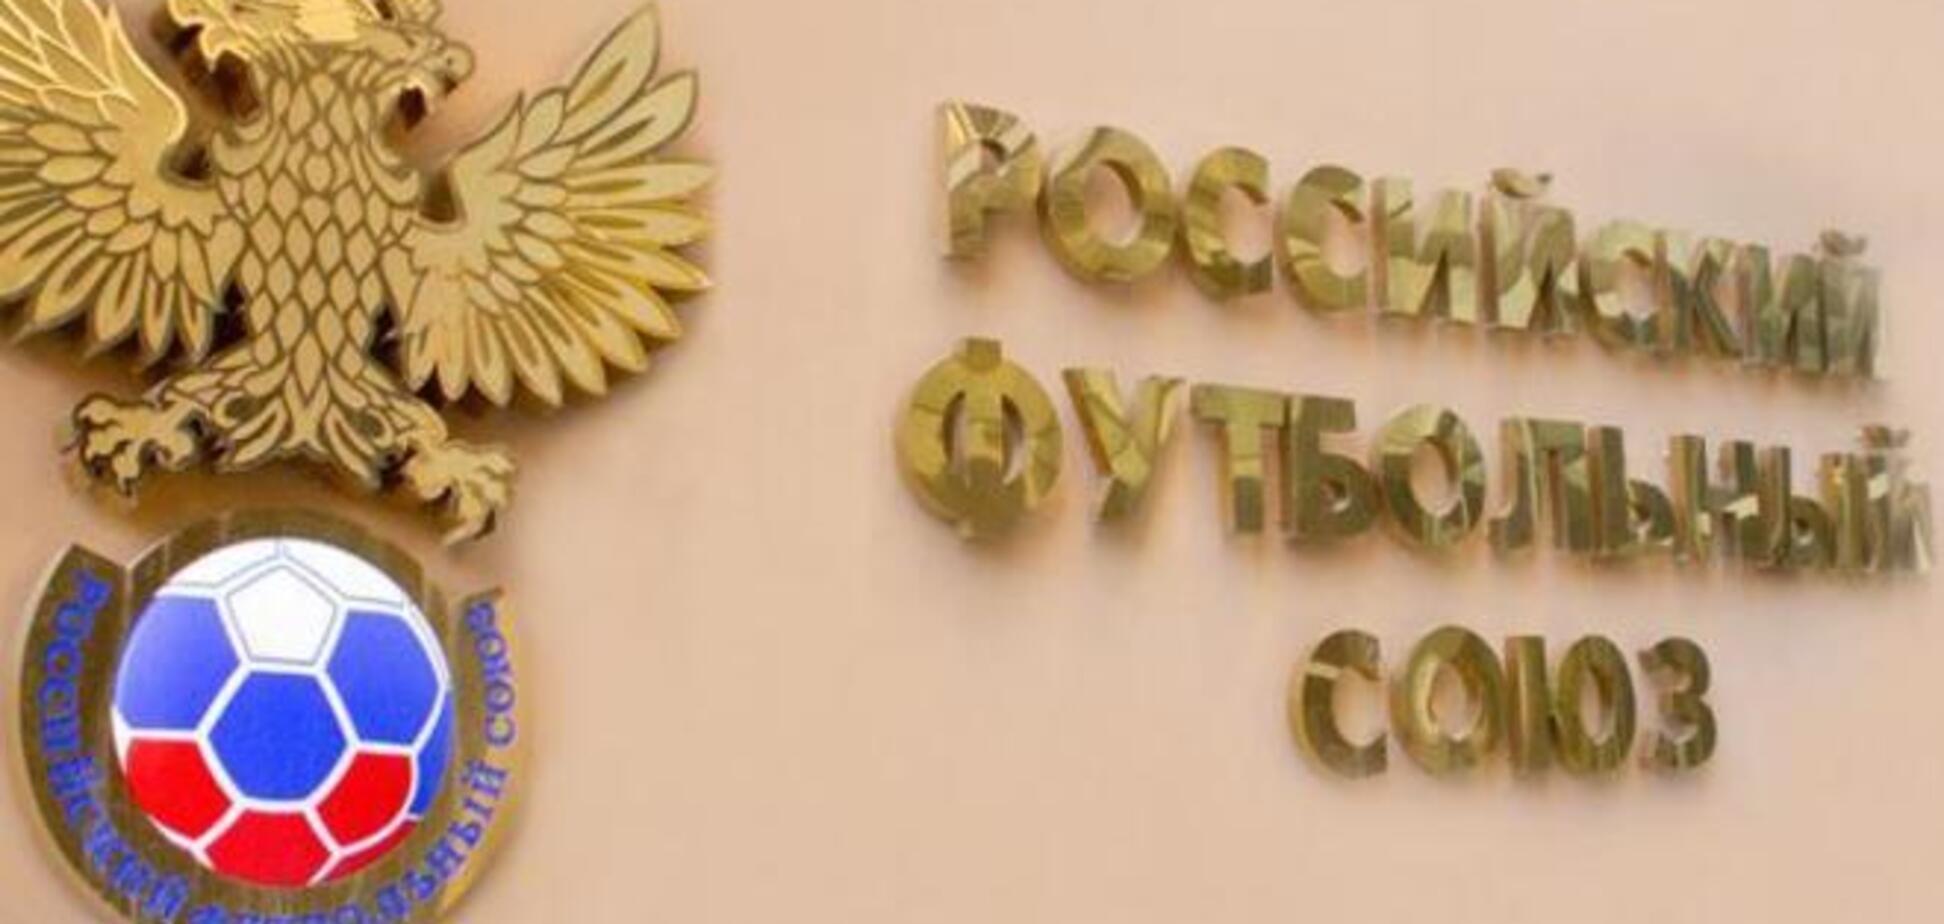 Крымский футбольный клуб обвинил Россию во вранье и предательстве